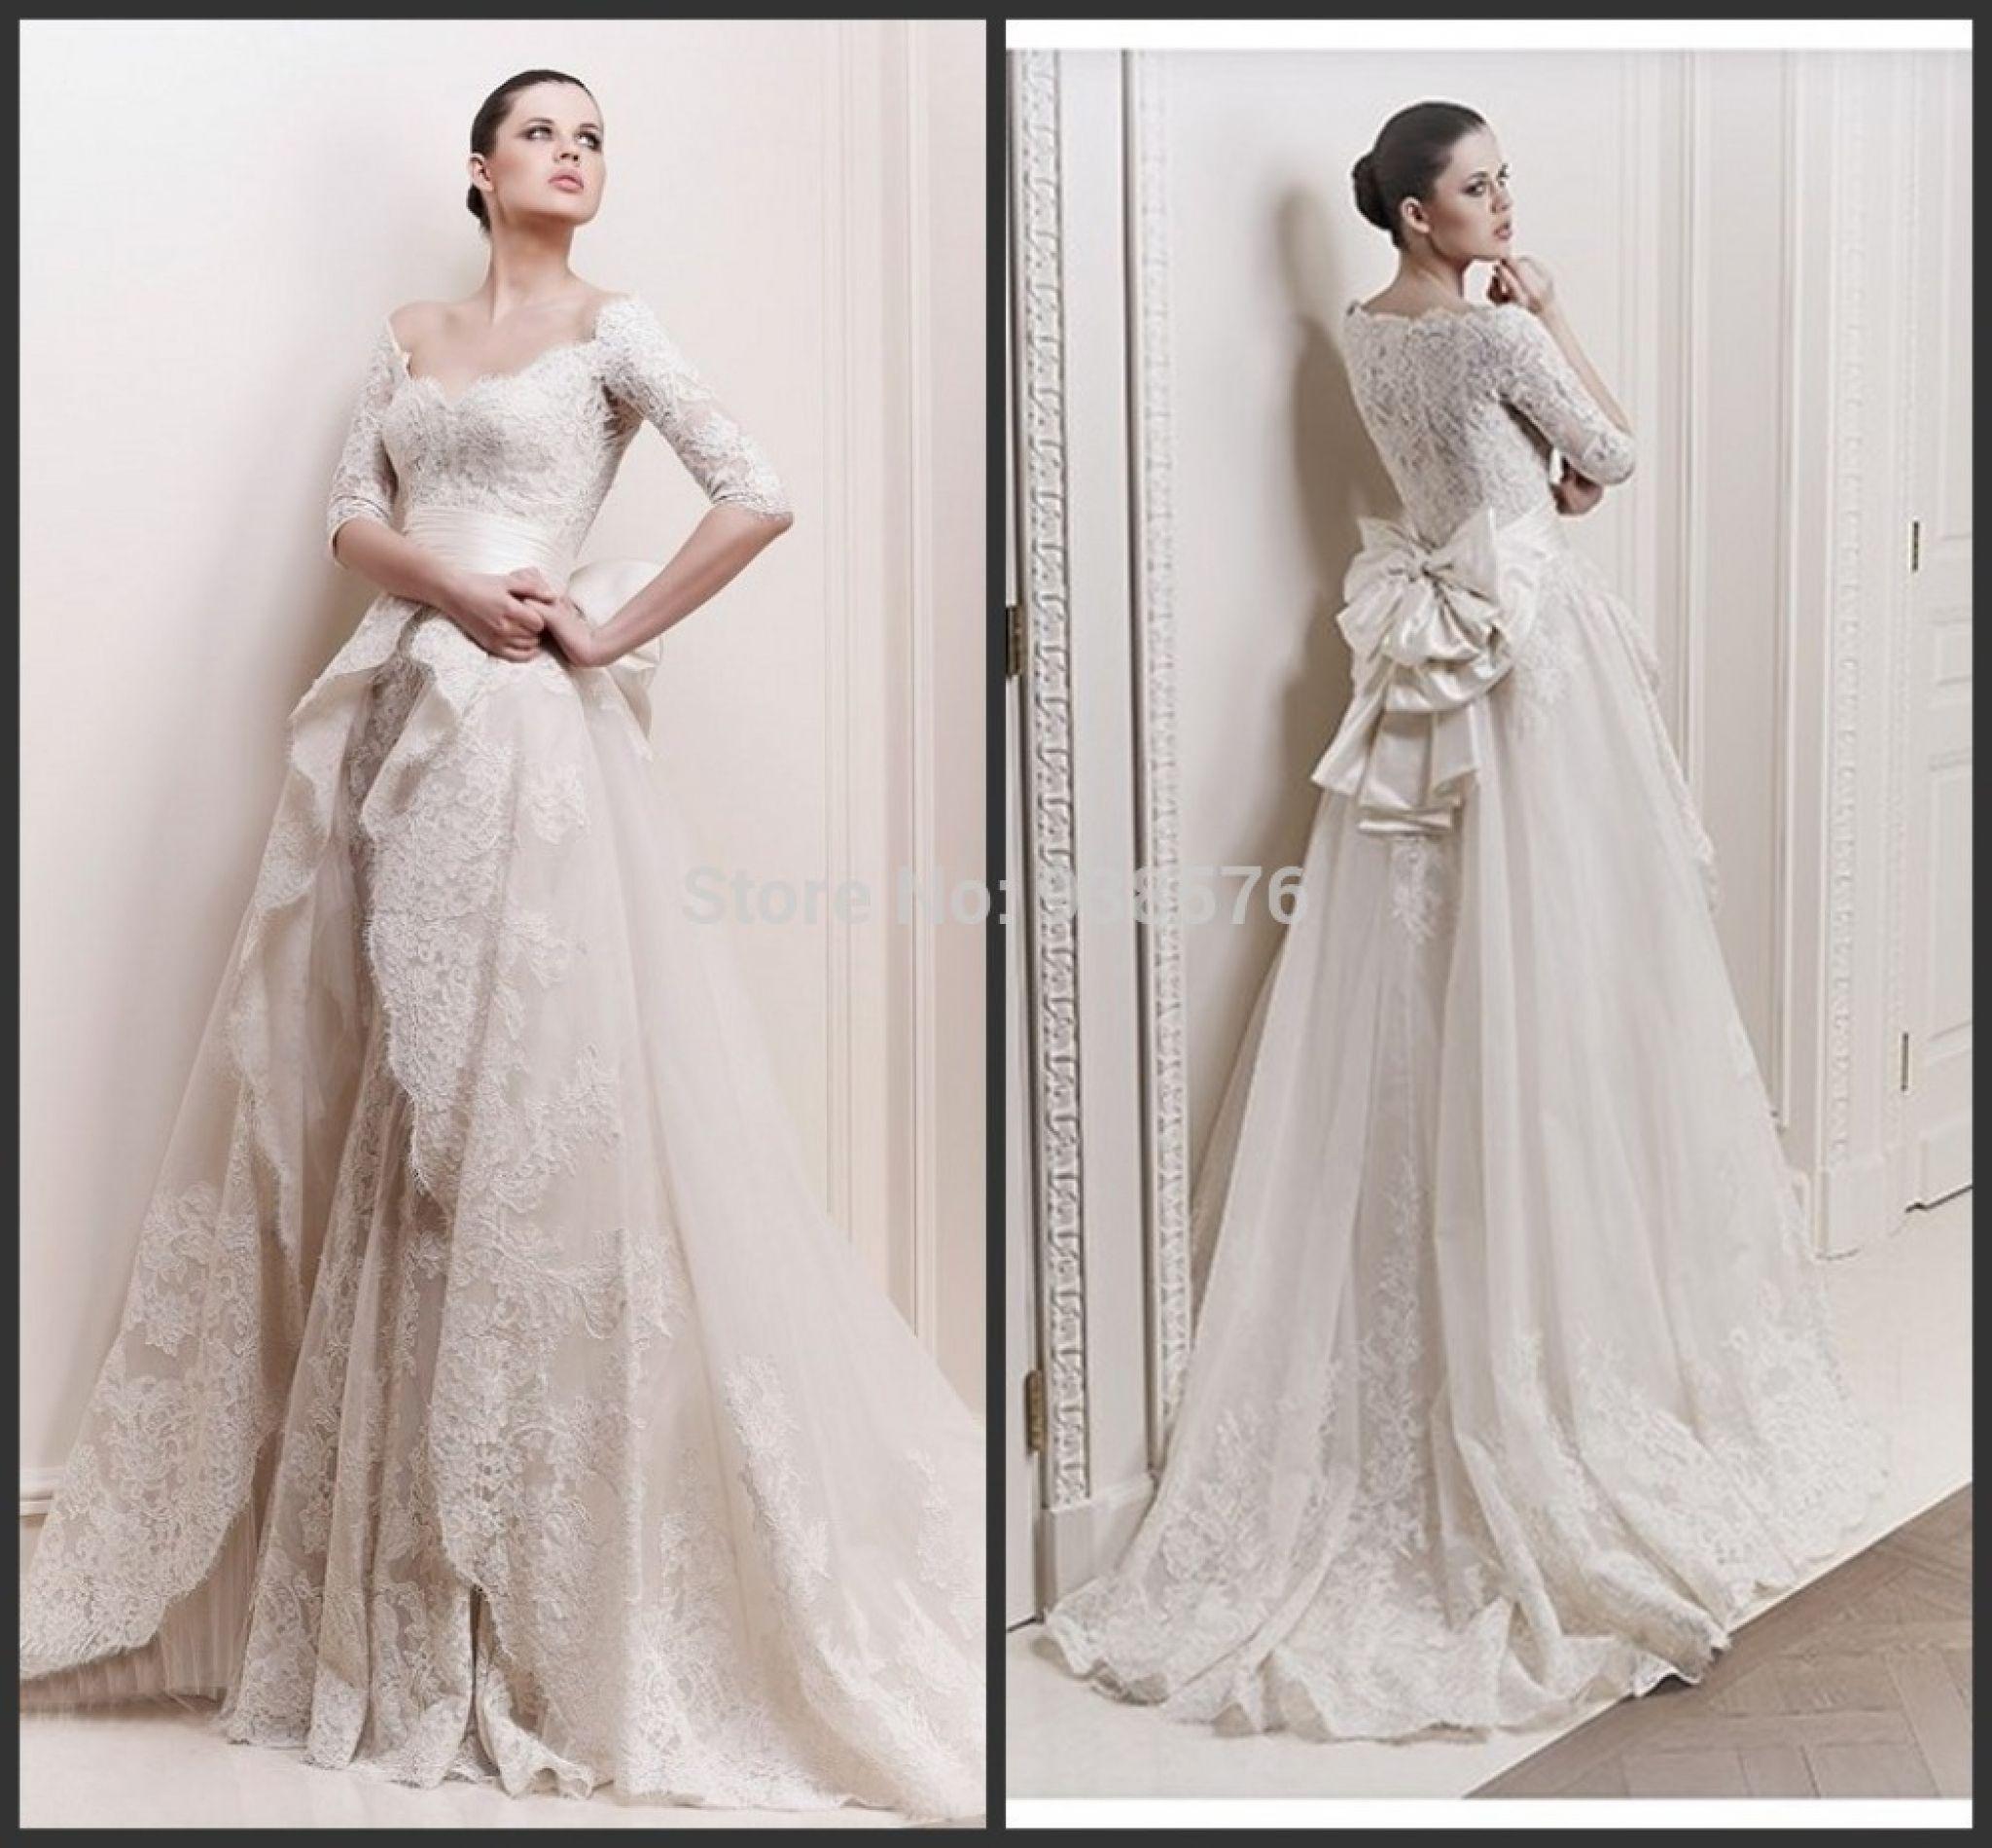 wedding dresses shopping online - dressy dresses for weddings Check ...